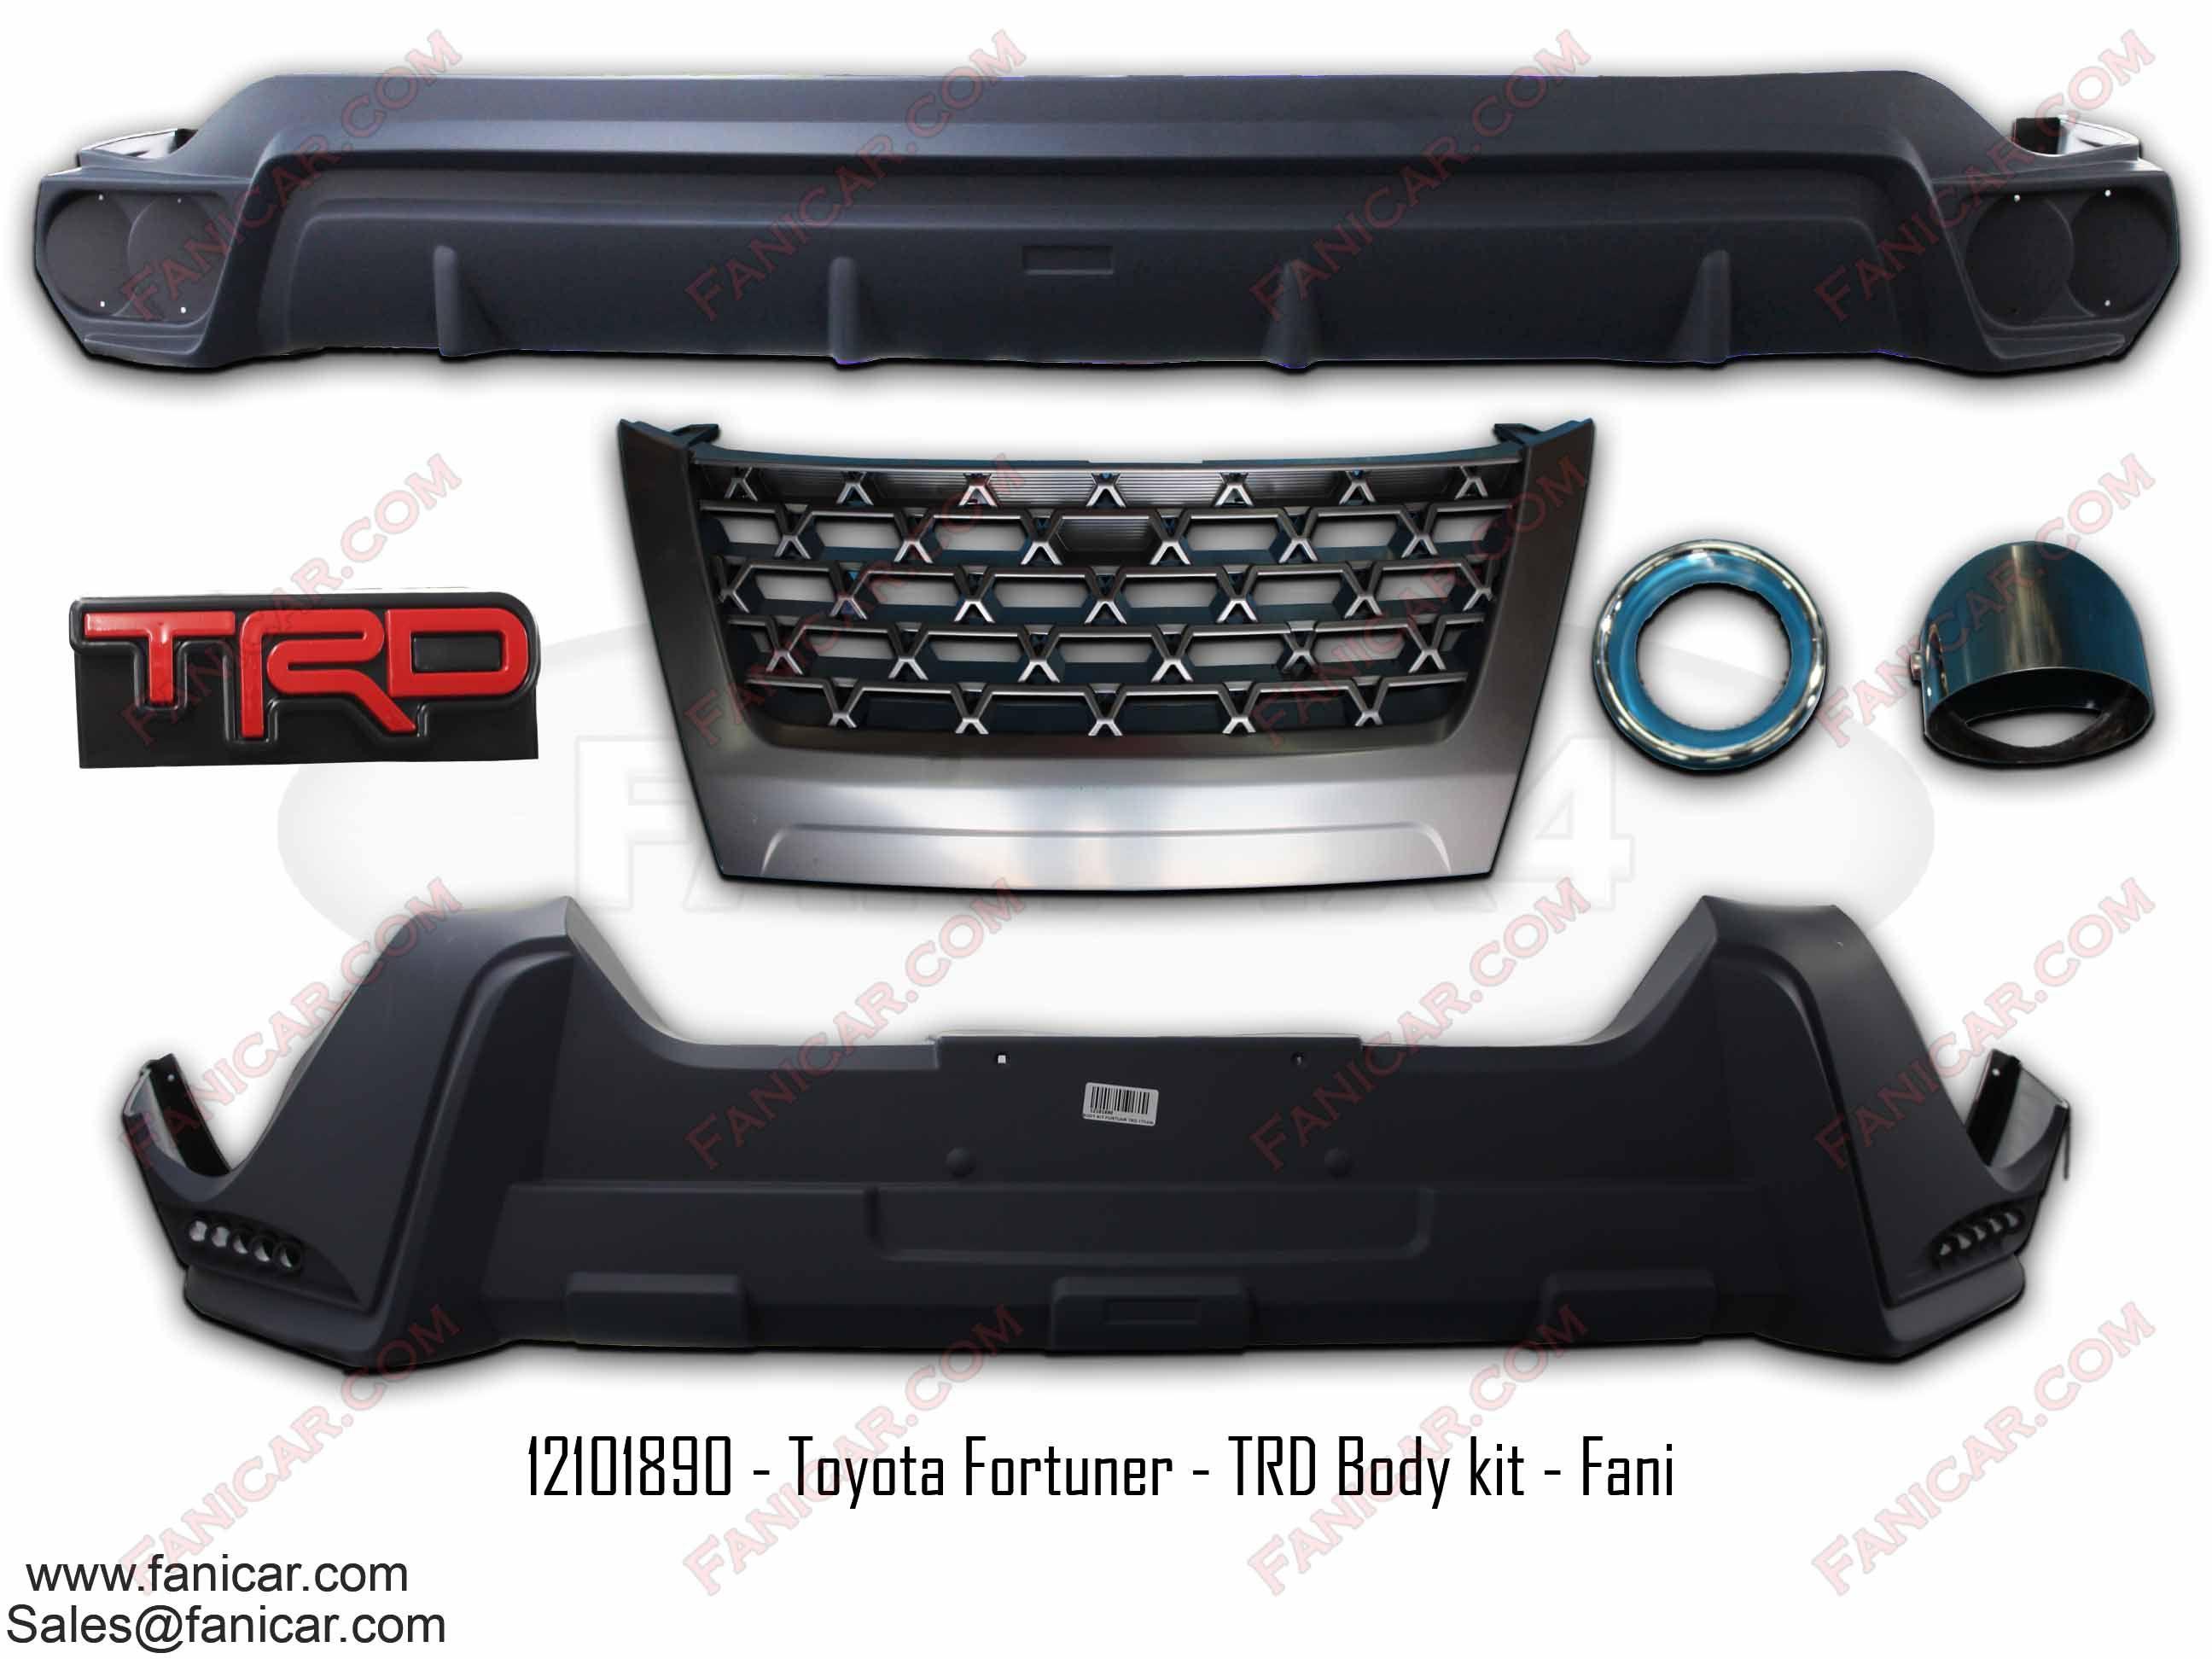 Toyota Fortuner TRD Body kit Fani 2017